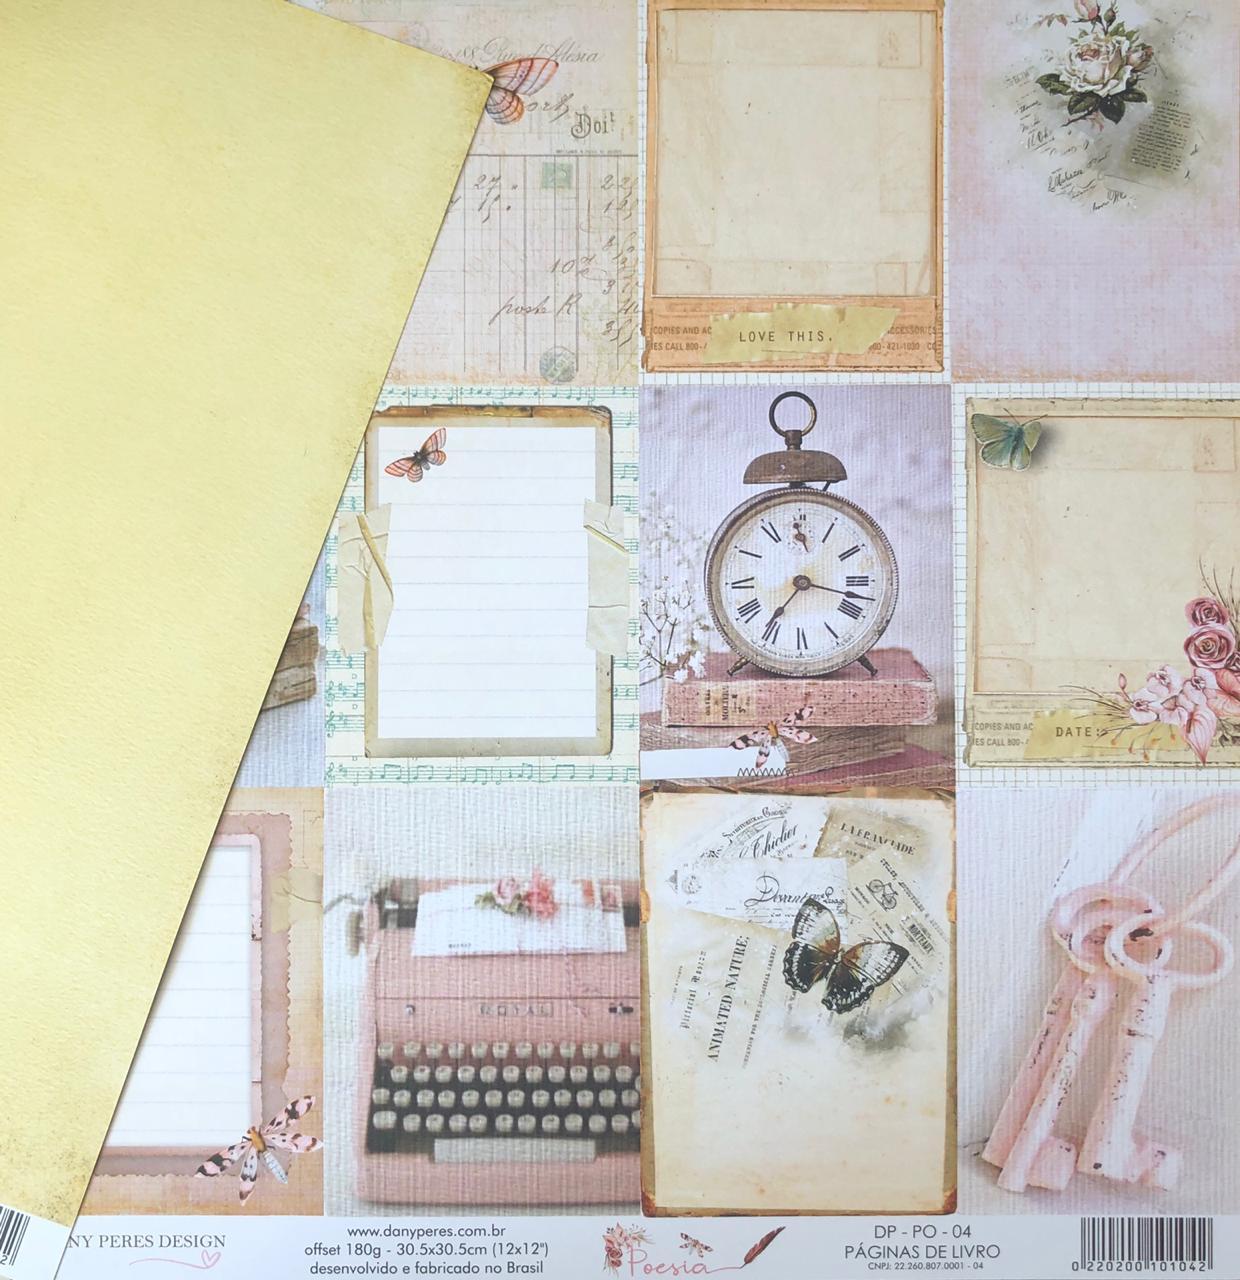 Kit Papéis Coleção Poesia - Dany Peres